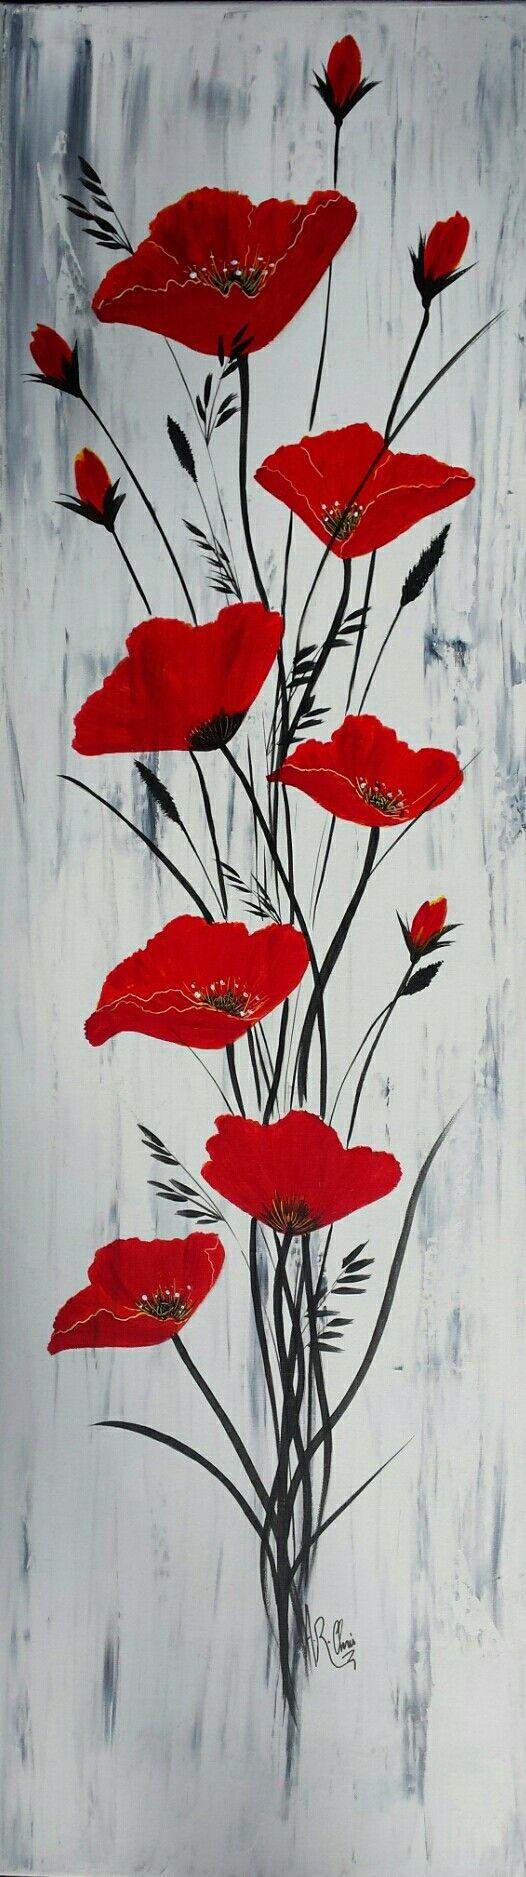 Pour Elle Peinture Acrylique Sur Toile 40x100 By Raffin Christine Facebook L Etoile De Chris Abstract Art Painting Poppy Painting Flower Art